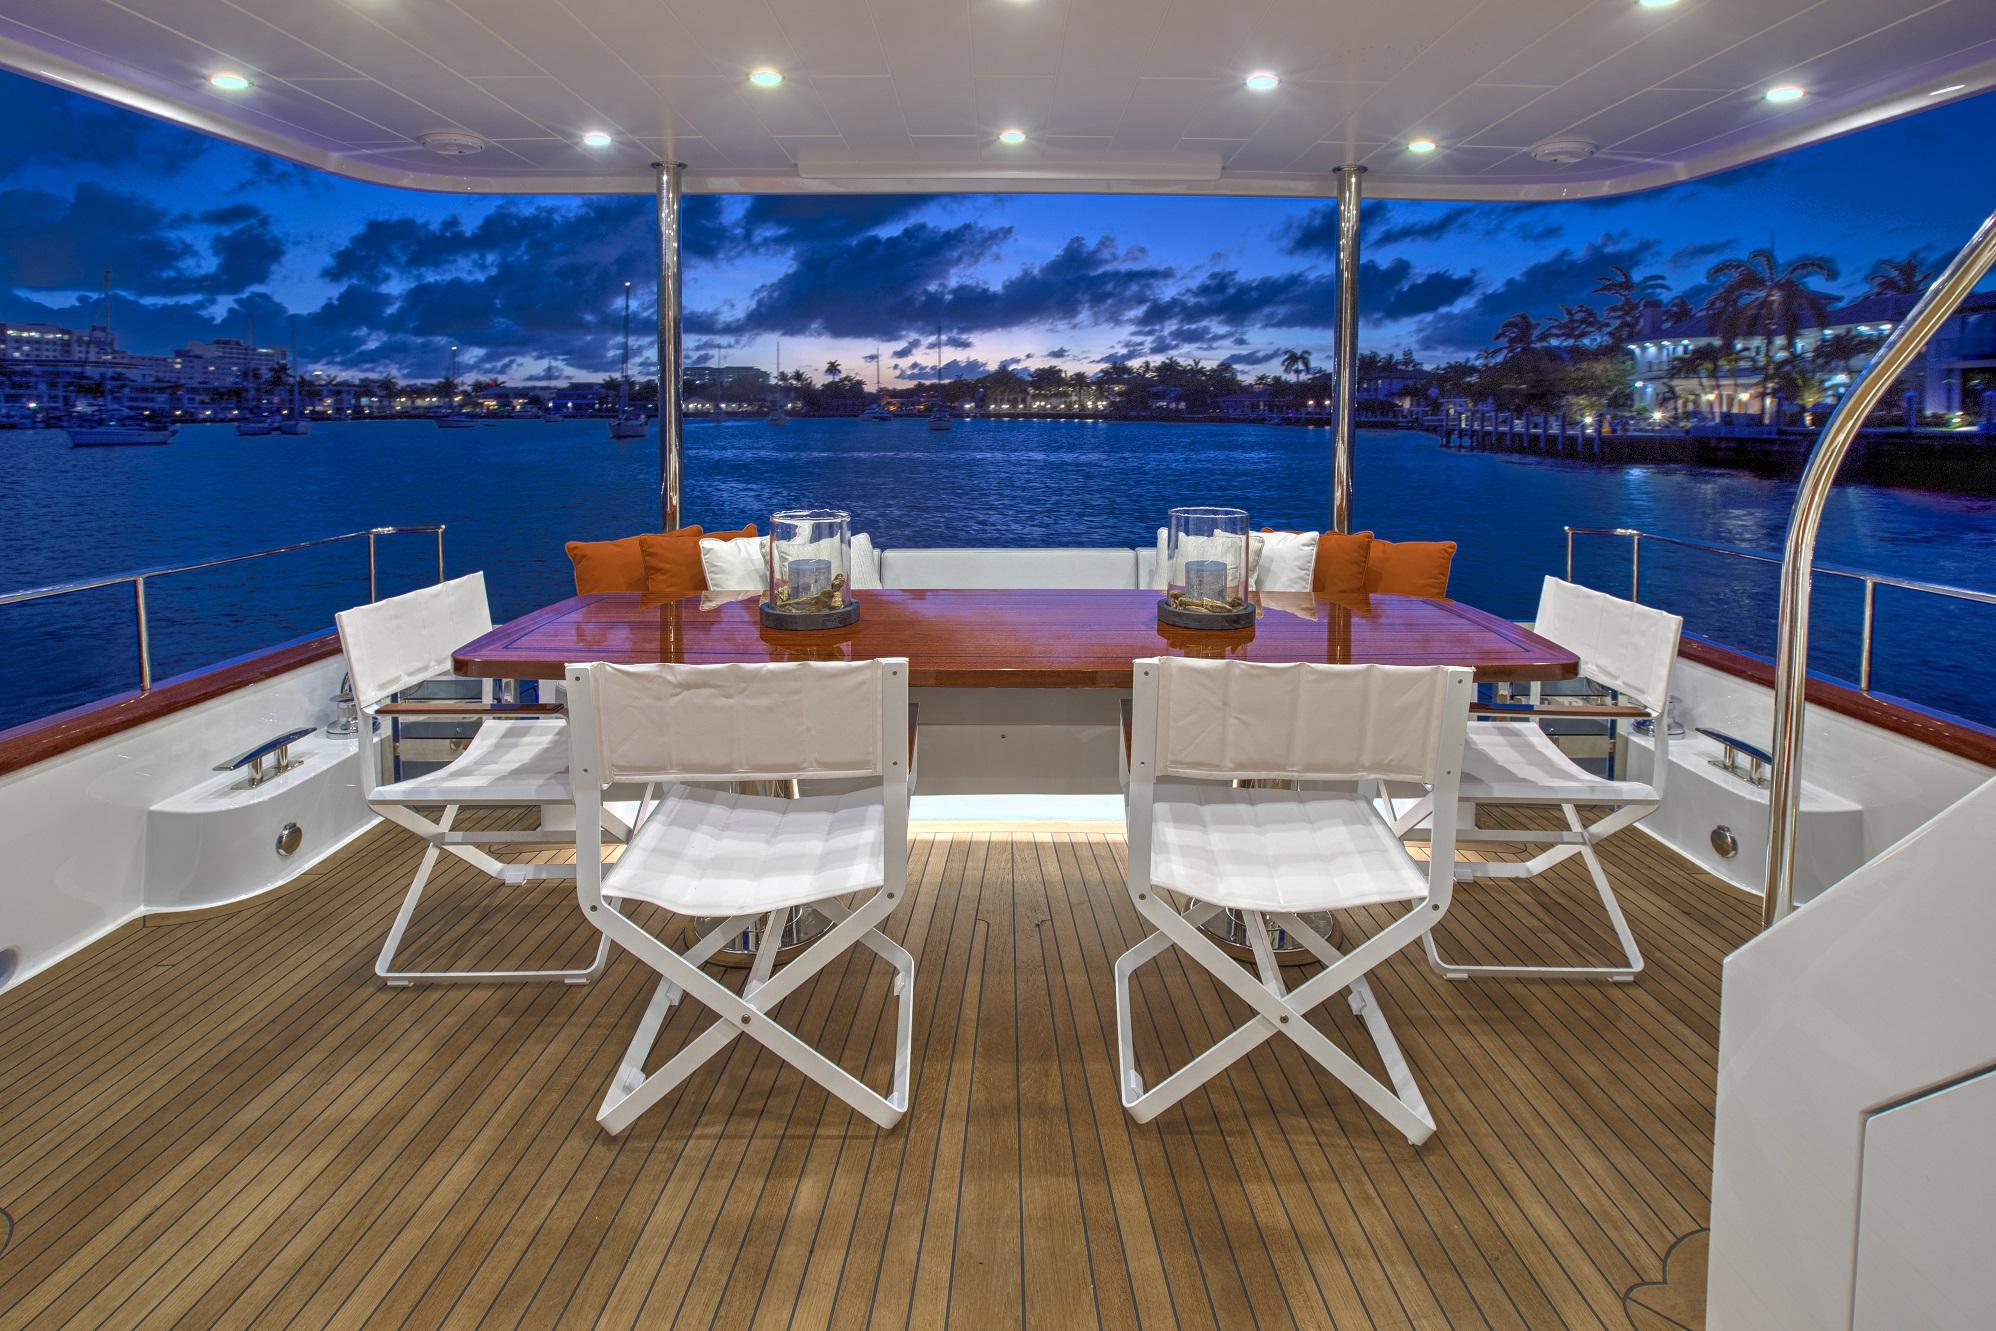 67 Vicem Cruiser for sale Flagler Yachts Aft Deck